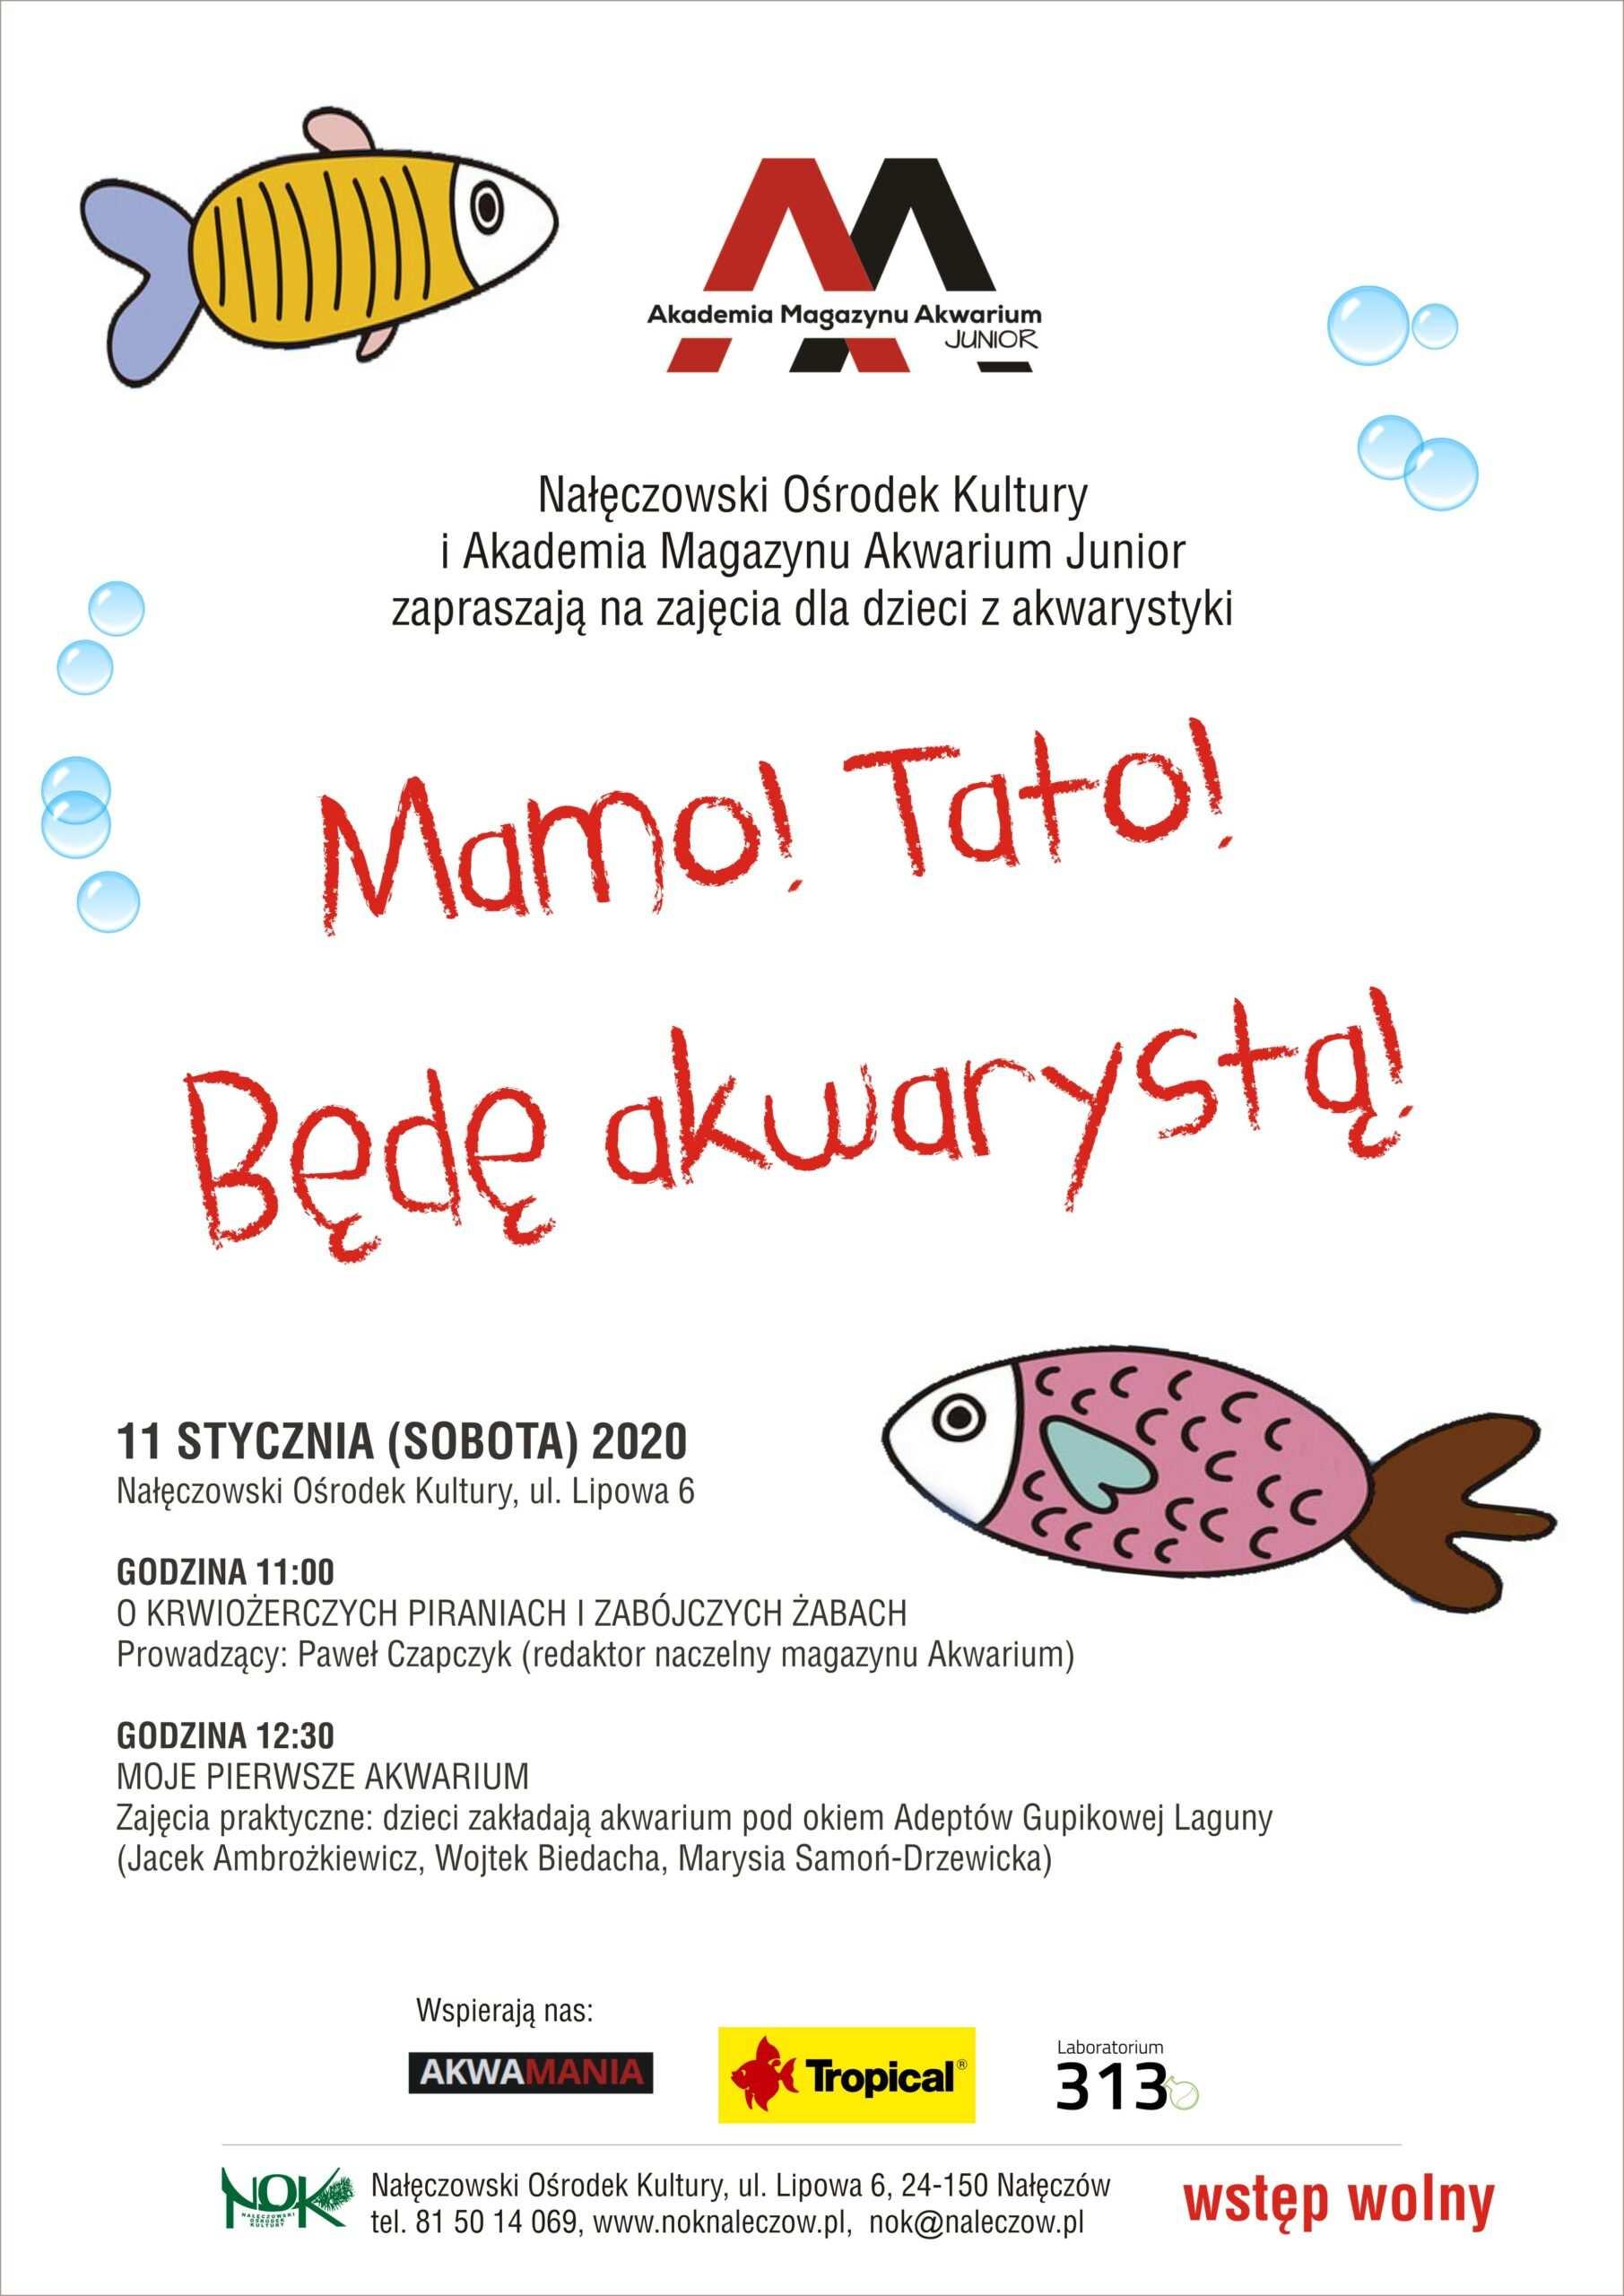 Akademia Magazynu Akwarium Junior w Nałęczowie